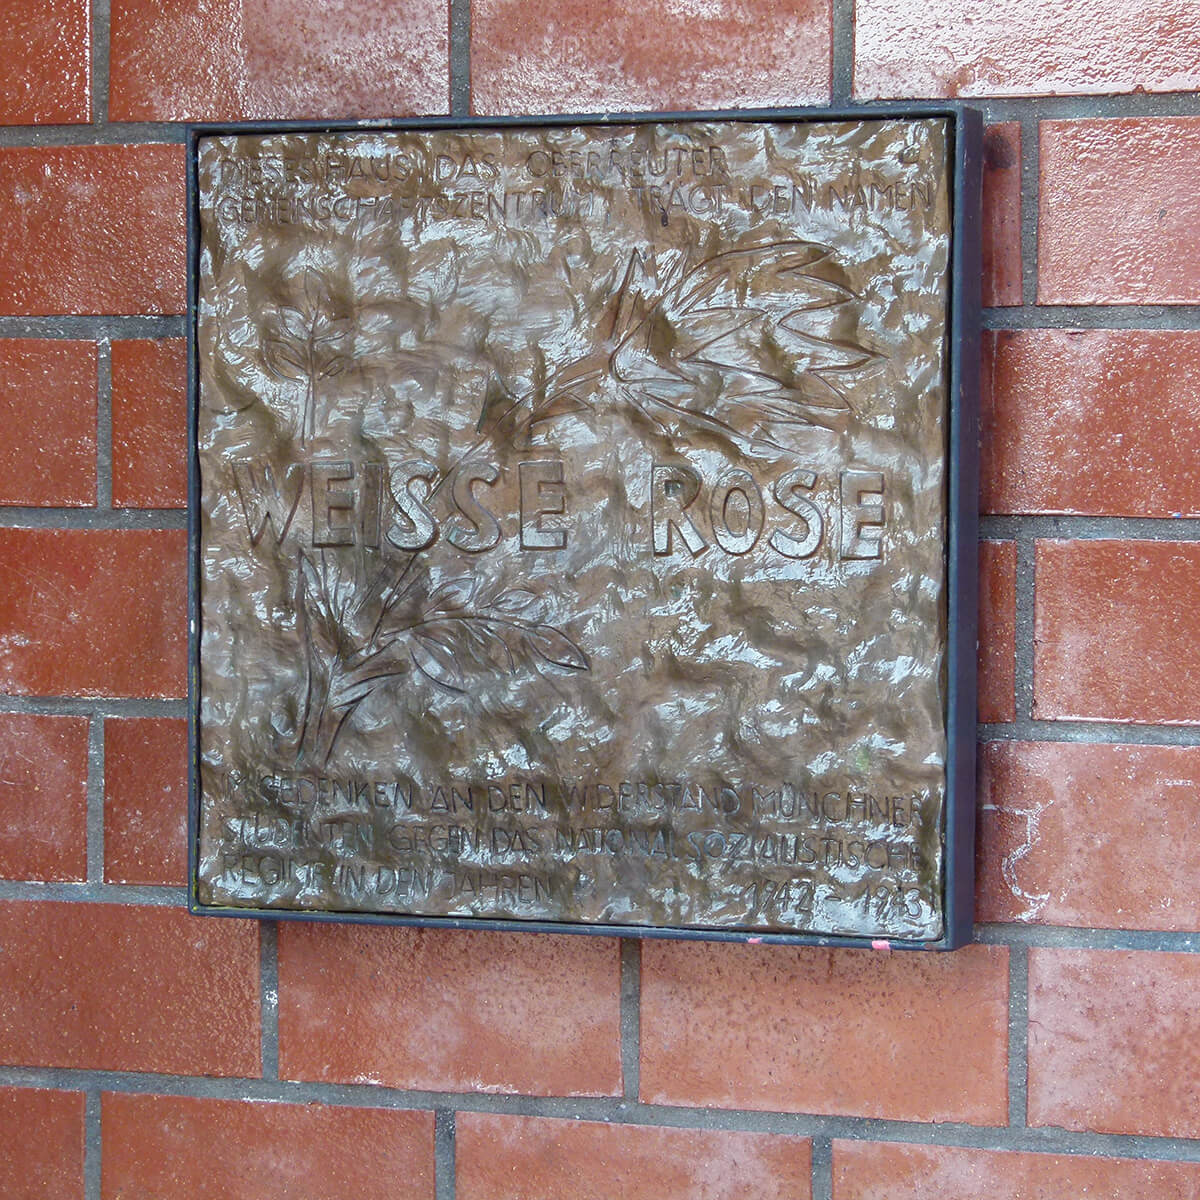 Barbara Jäger OMI Riesterer Gemeinsame öffentliche Werke Weiße Rose Bronzeplatte Karlsruher Oberreut